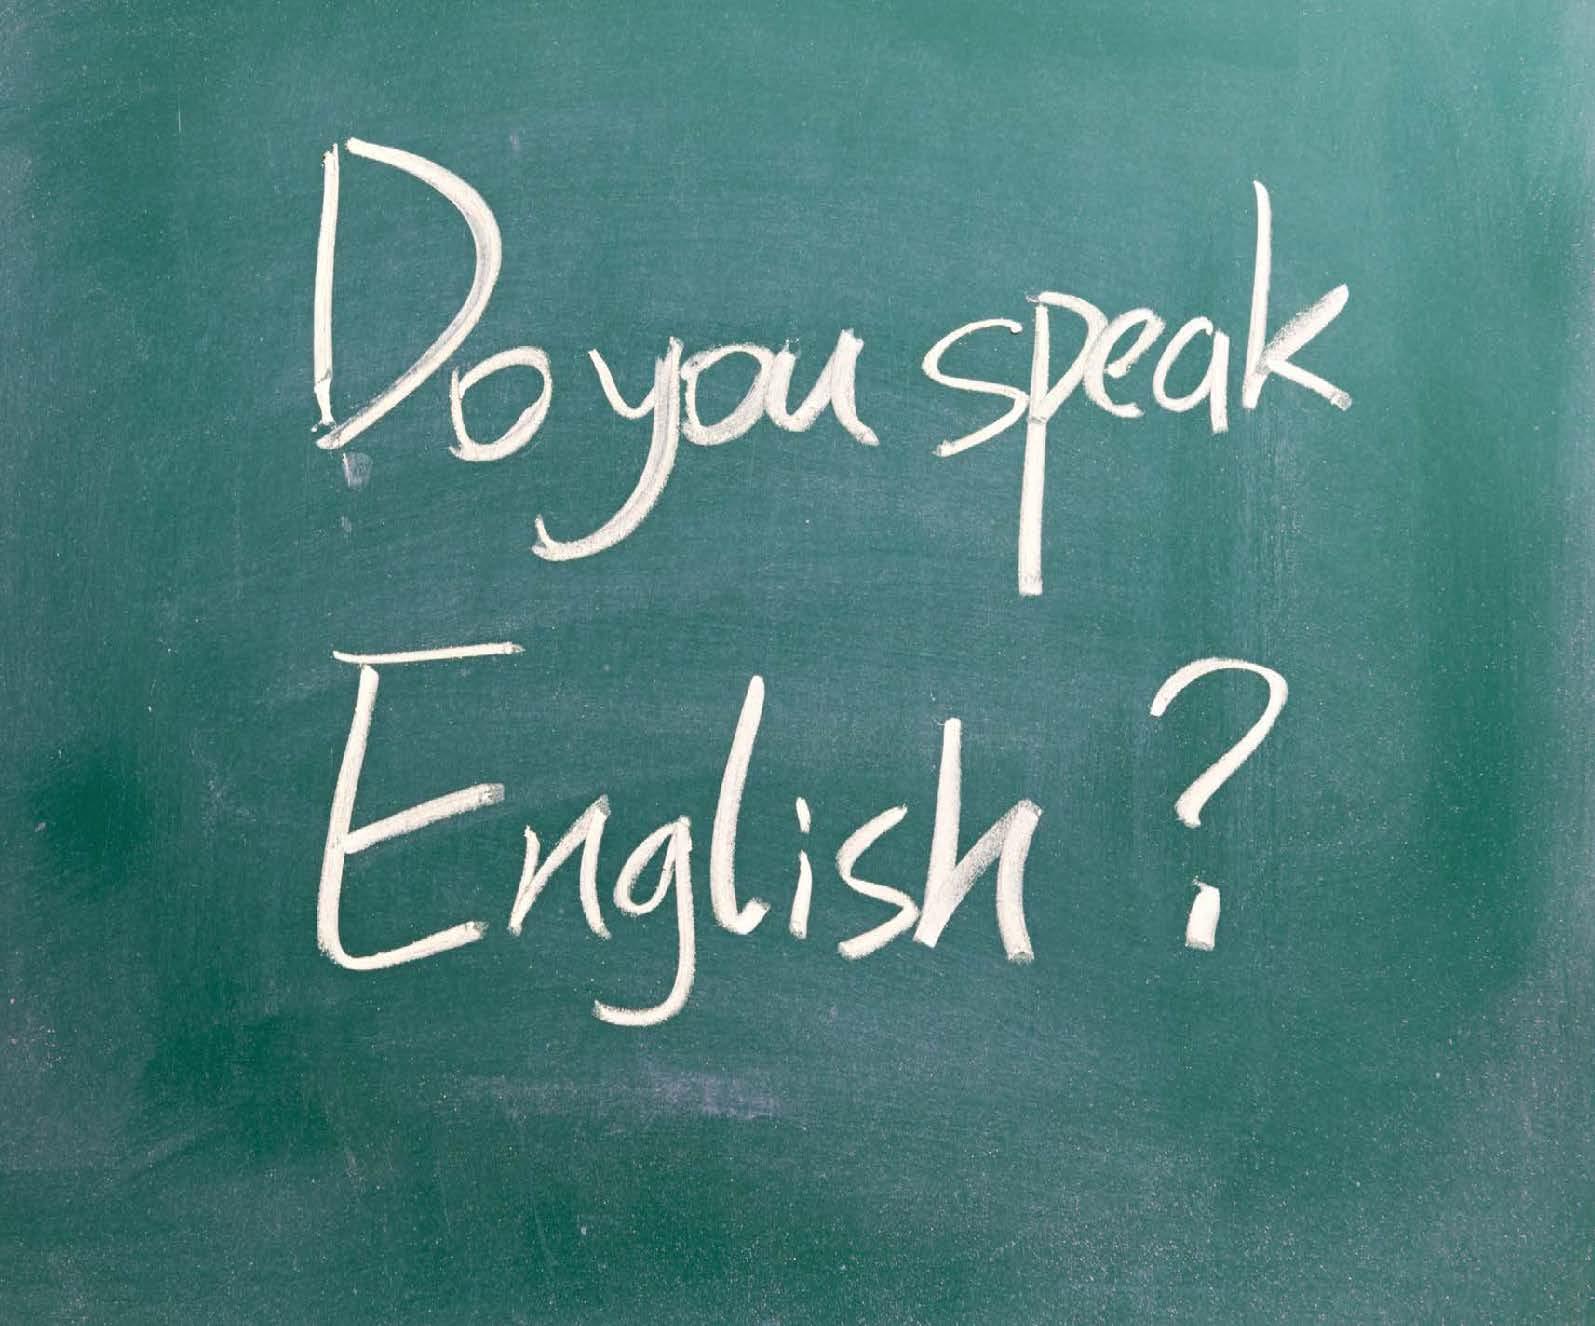 Do-you-speak-English-